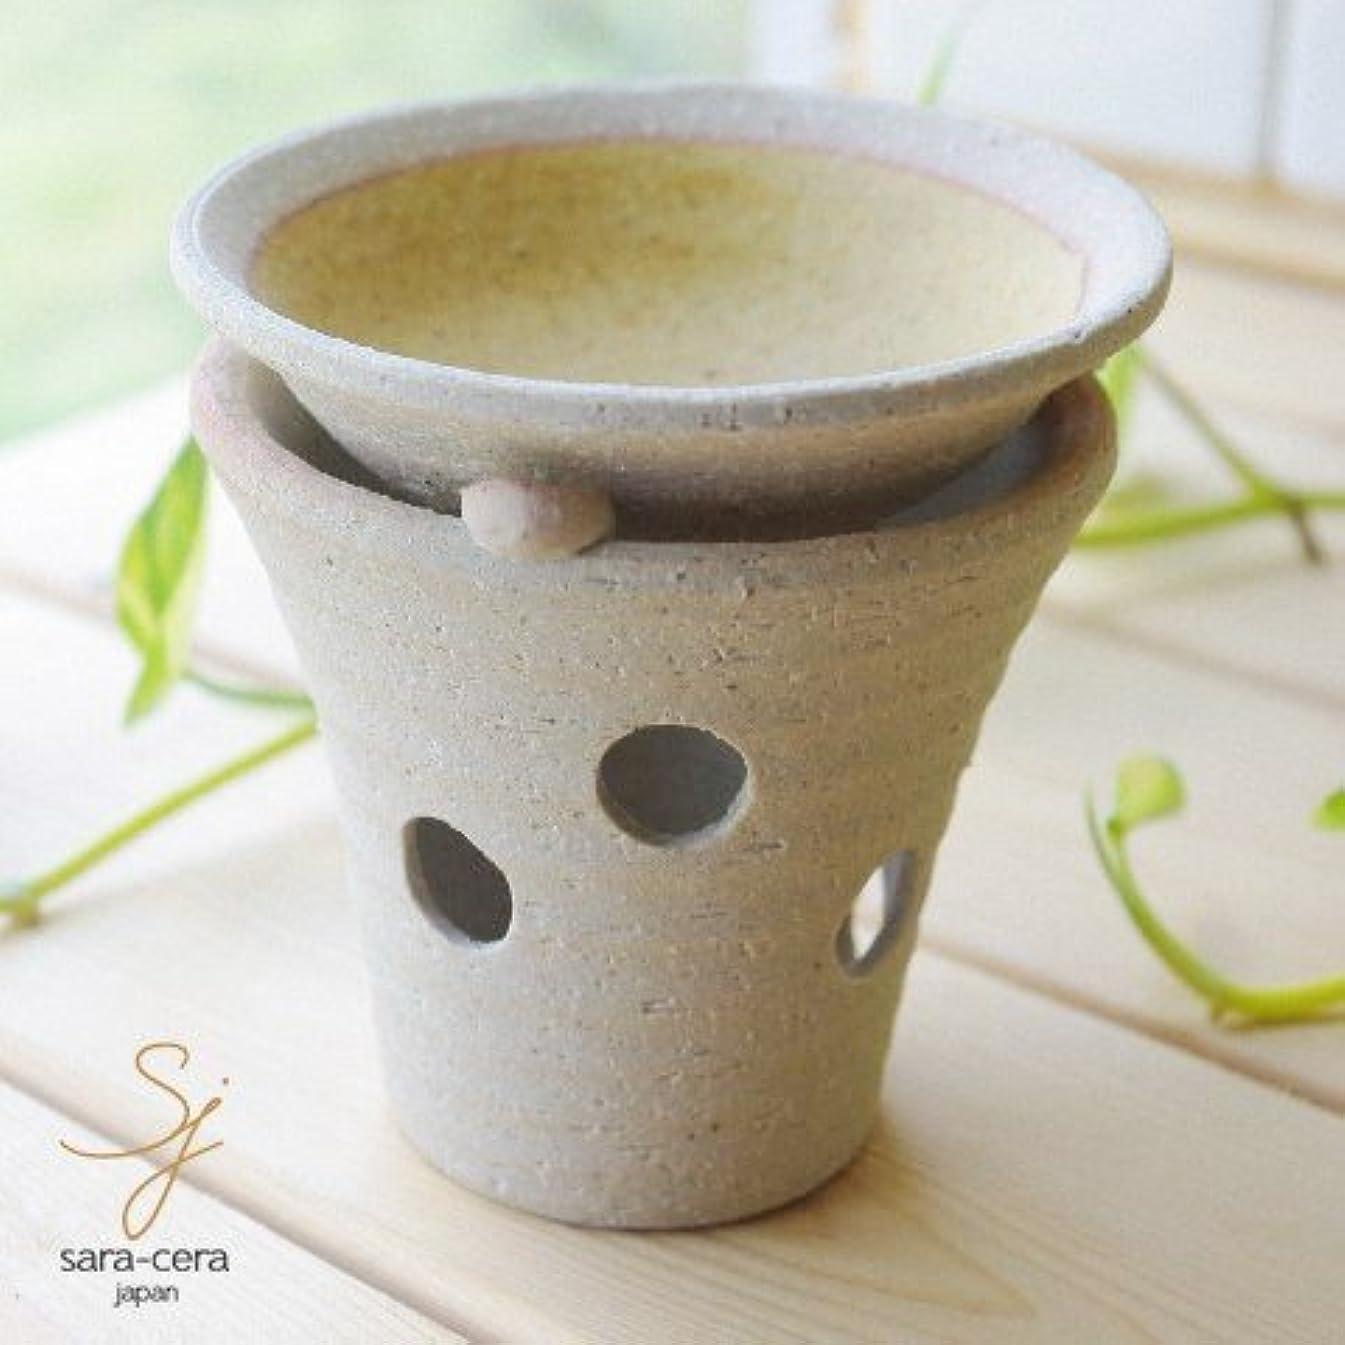 明示的に保全横松助窯 手作り茶香炉セット 黄釉 イエロー アロマ 和食器 リビング